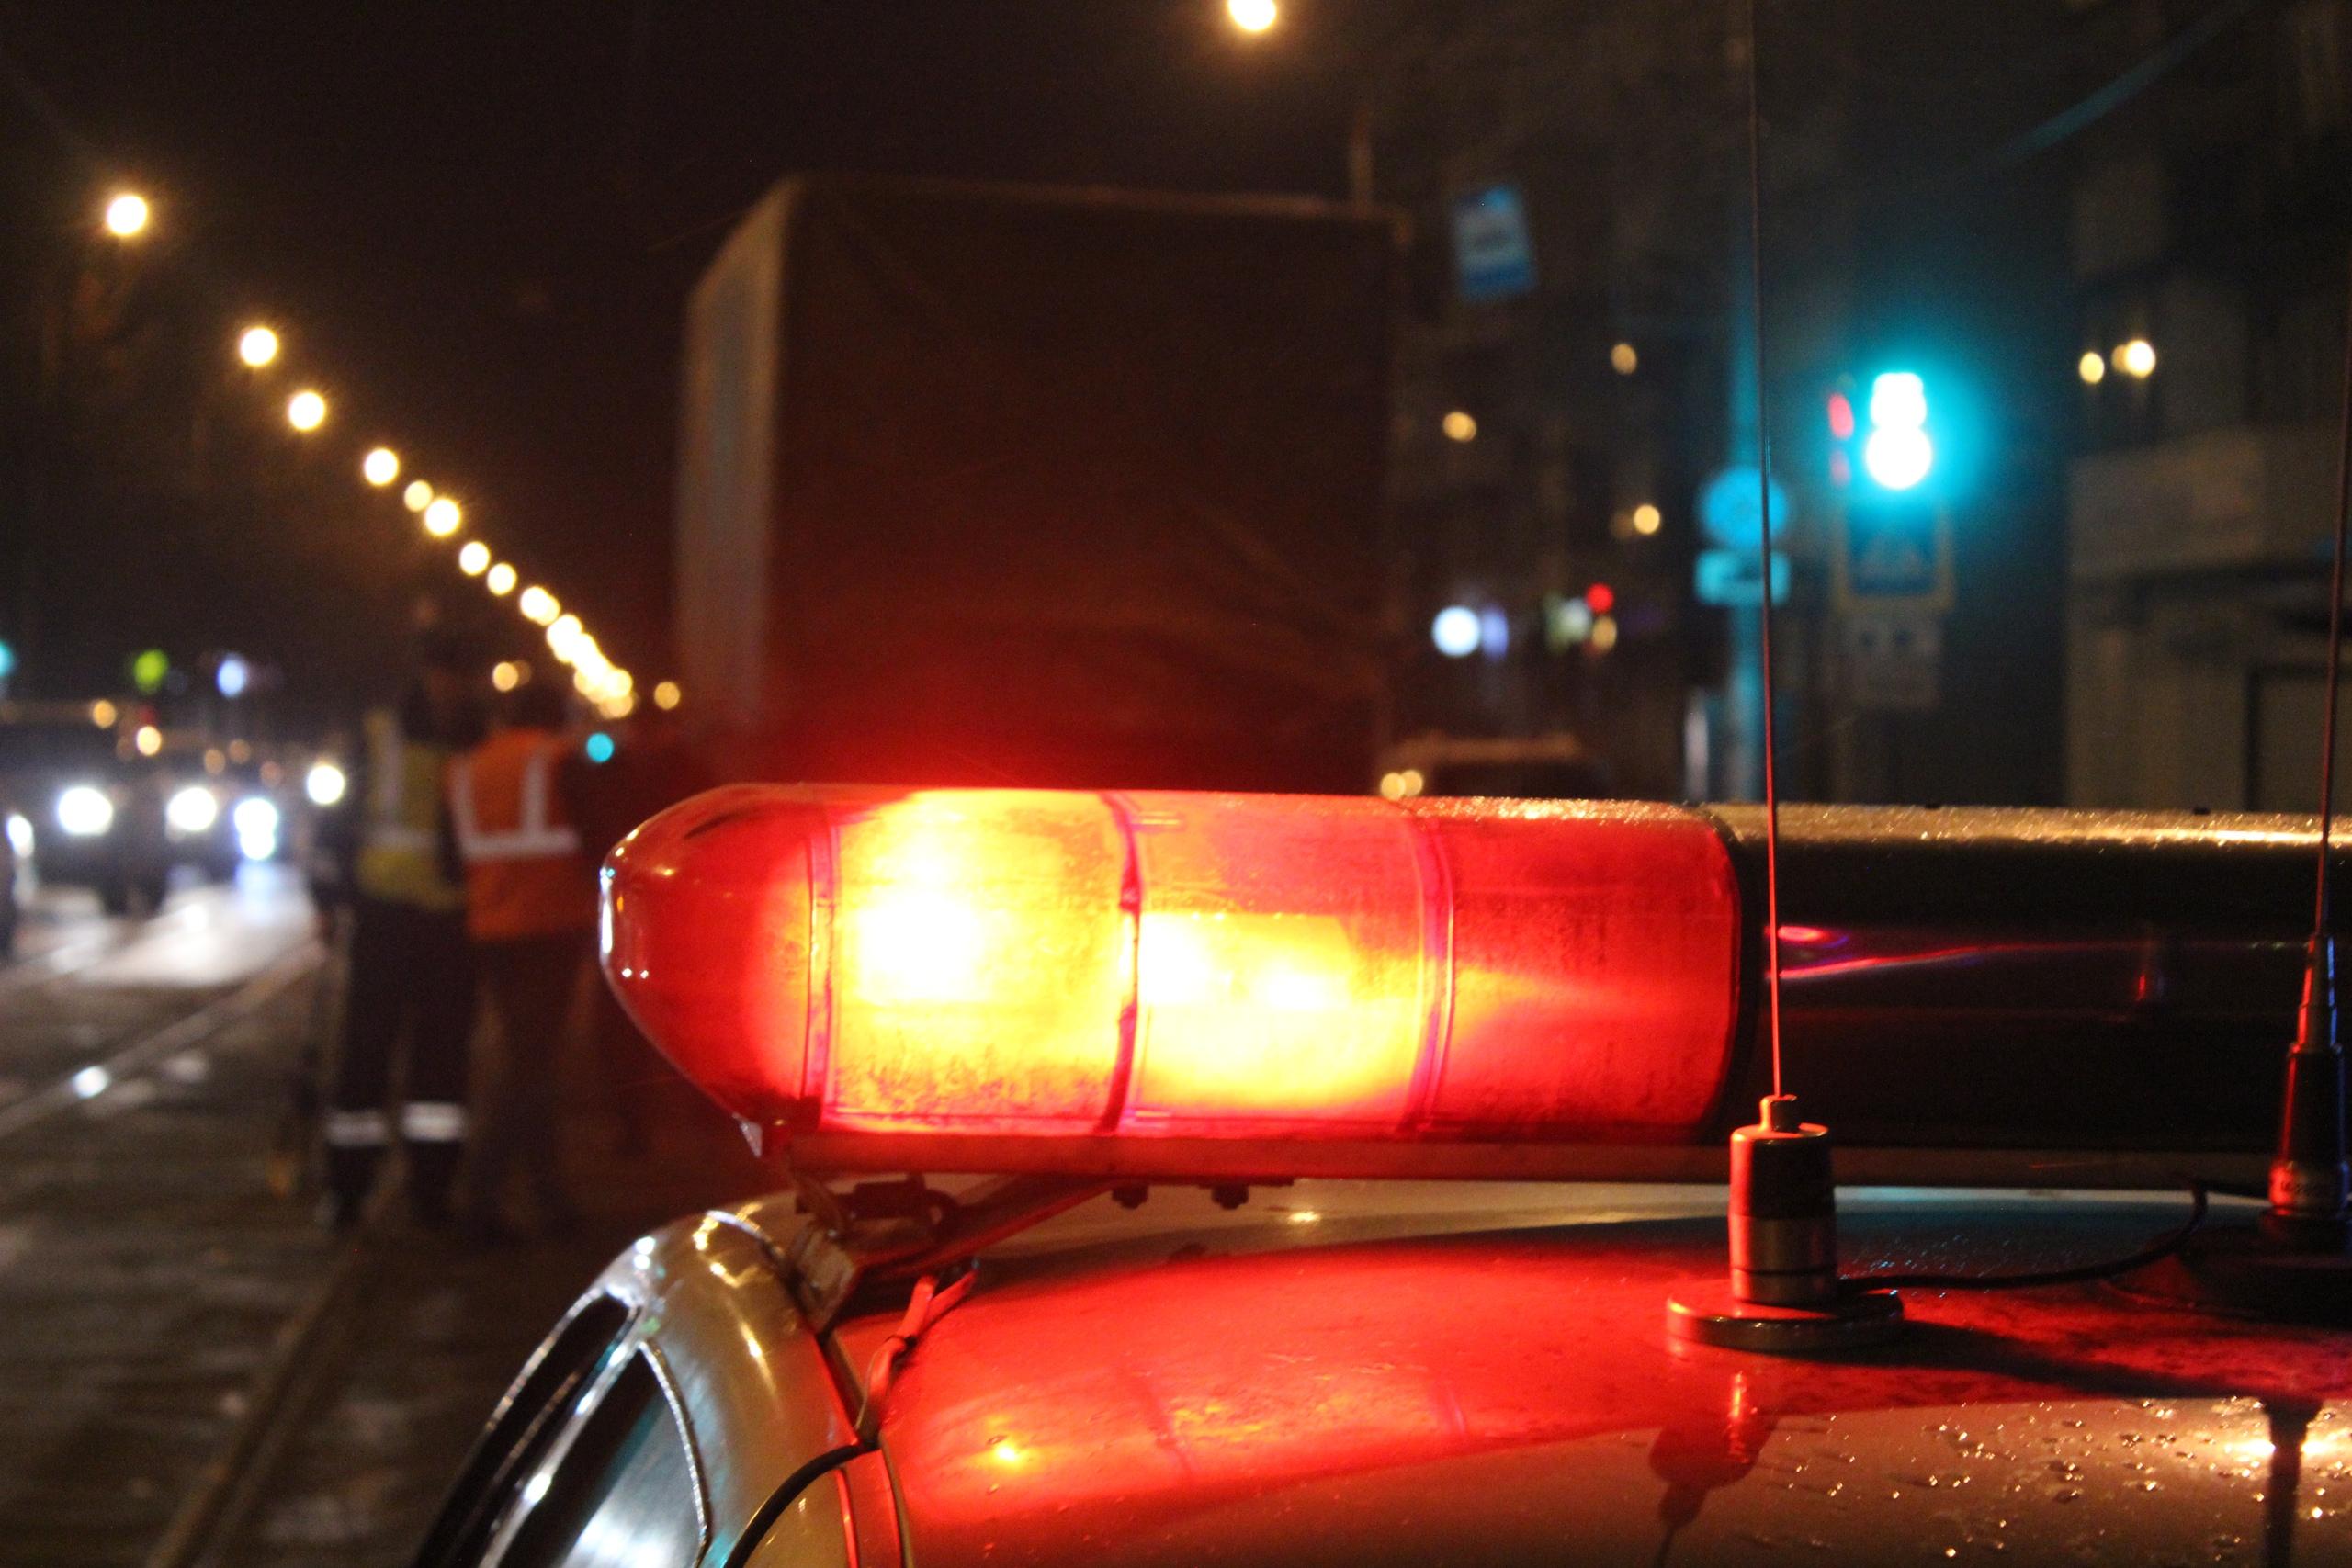 Тверская область попала во вторую половину рейтинга регионов по аварийности на дорогах - новости Афанасий